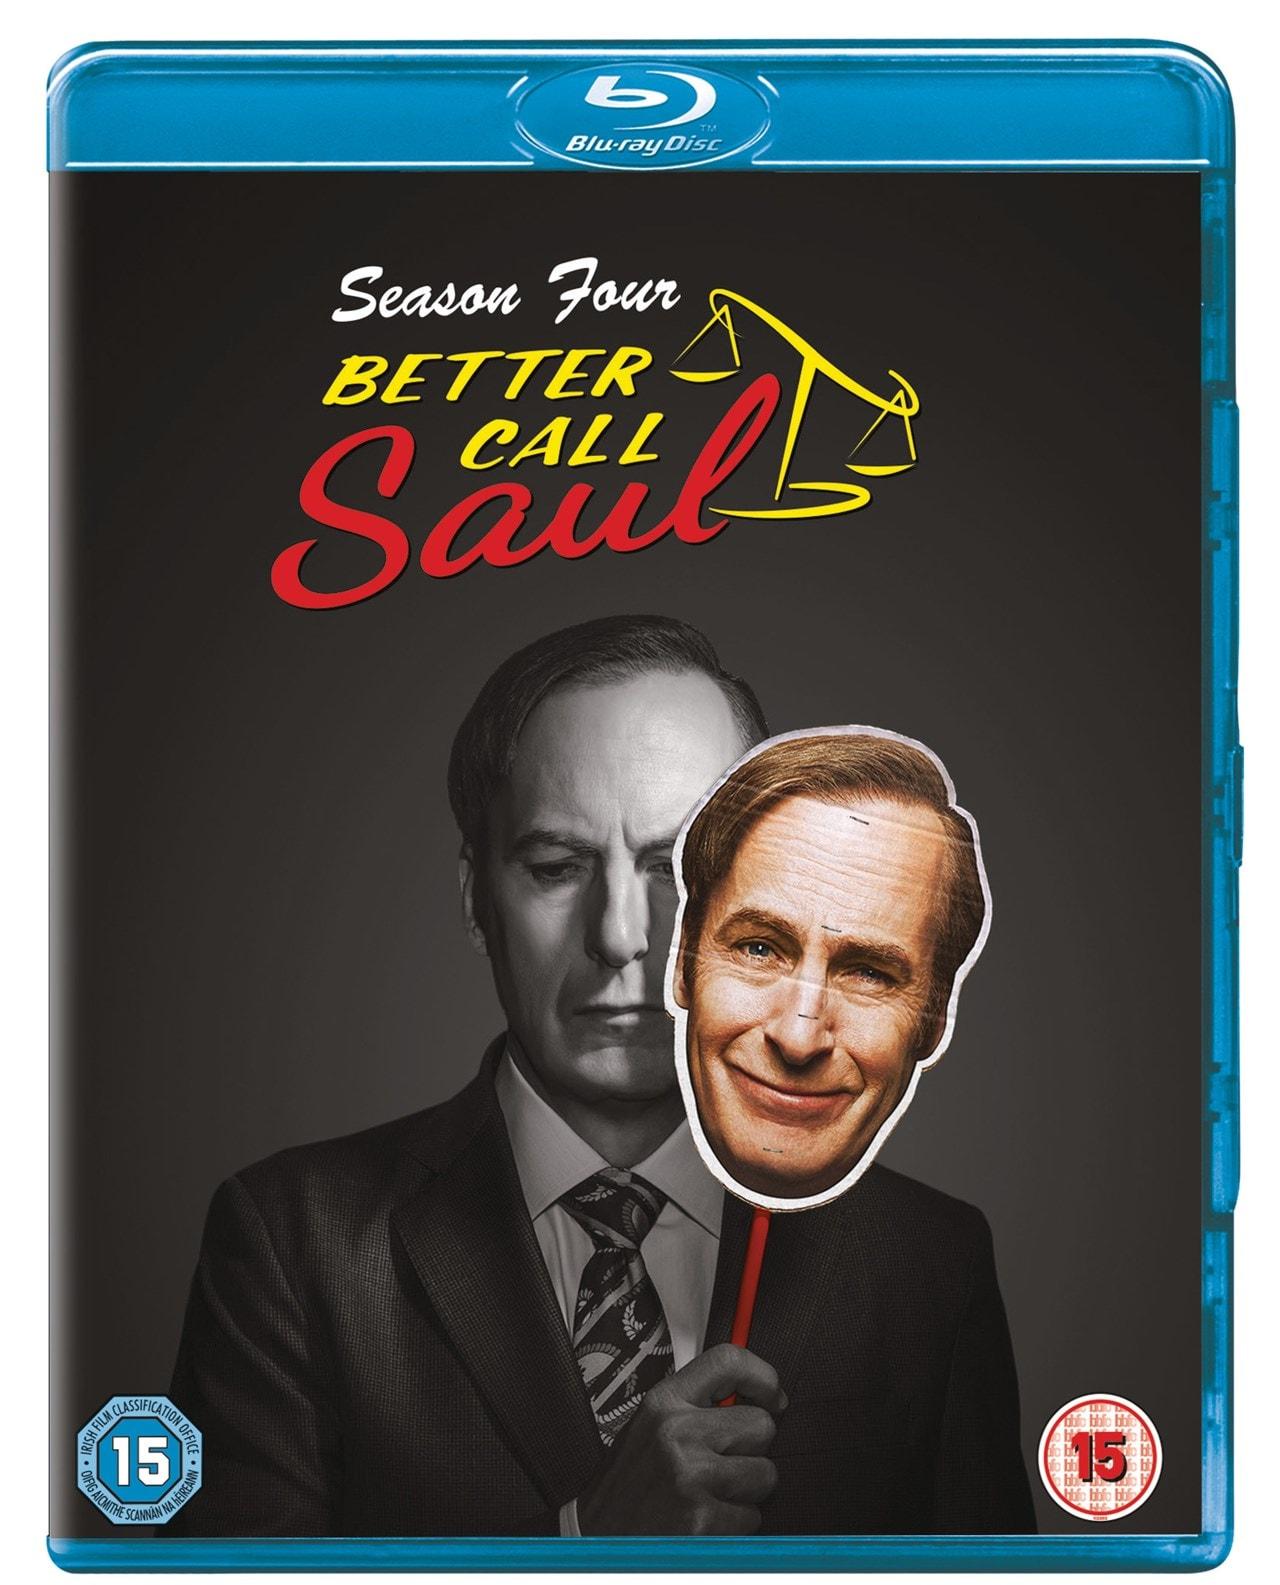 Better Call Saul: Season Four - 1